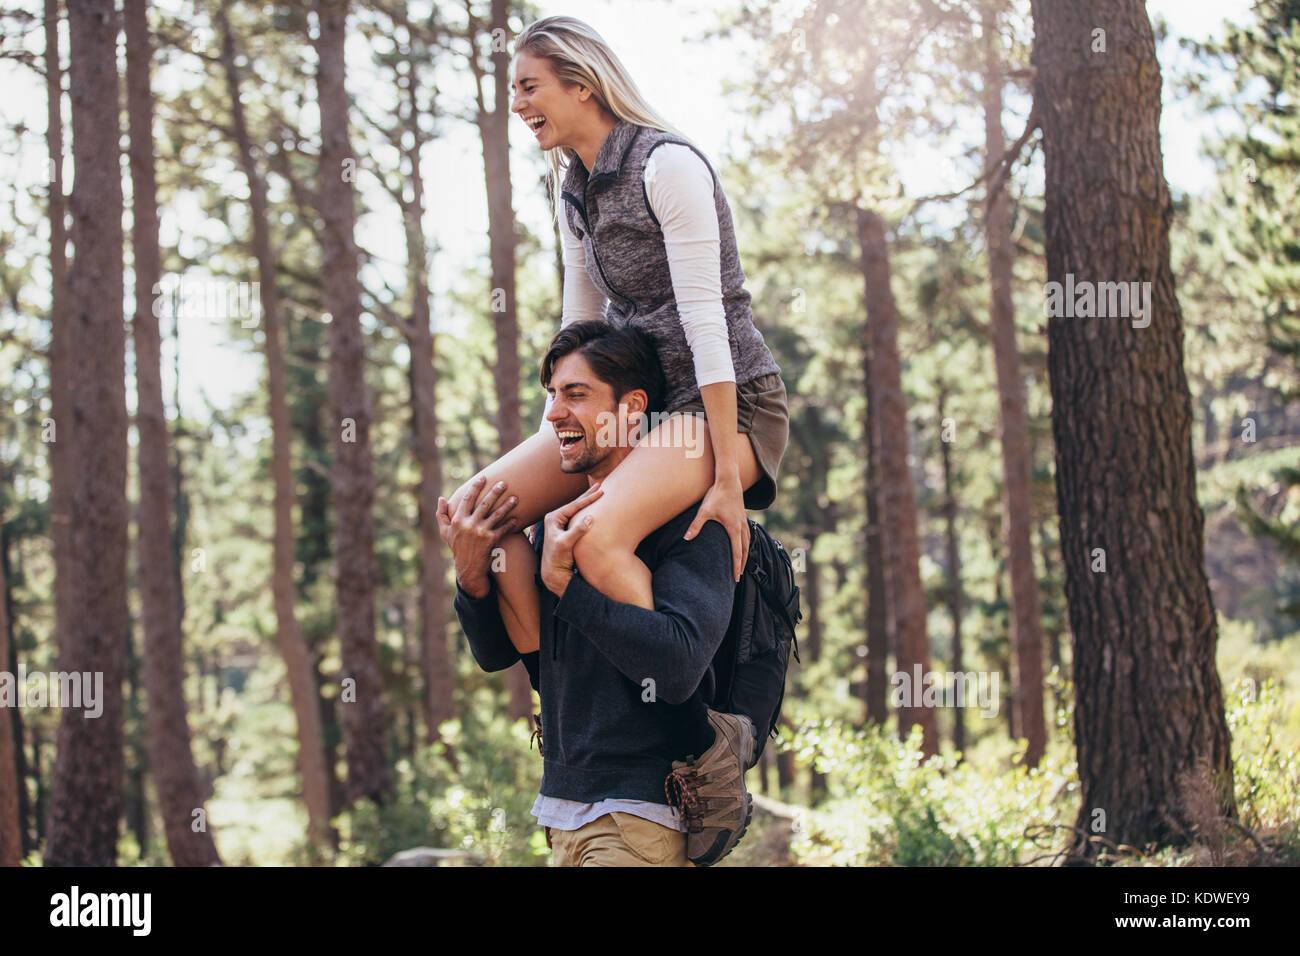 Wandern paar Spaß beim Wandern im Wald. Frau reiten Huckepack auf den Menschen beim Wandern im Wald. Stockbild